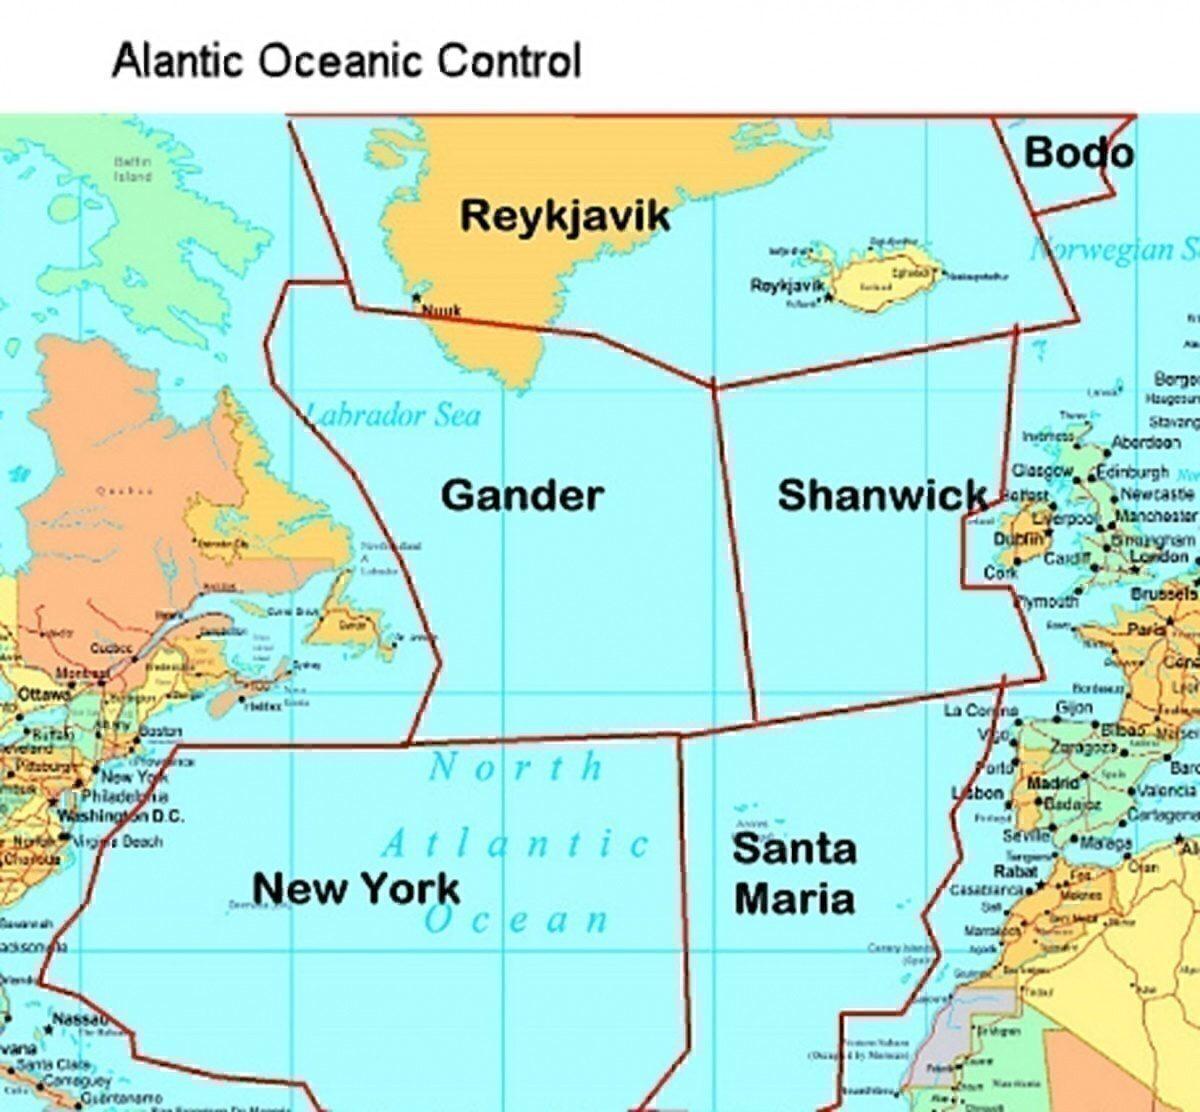 Atlantic Oceanic Control Centres